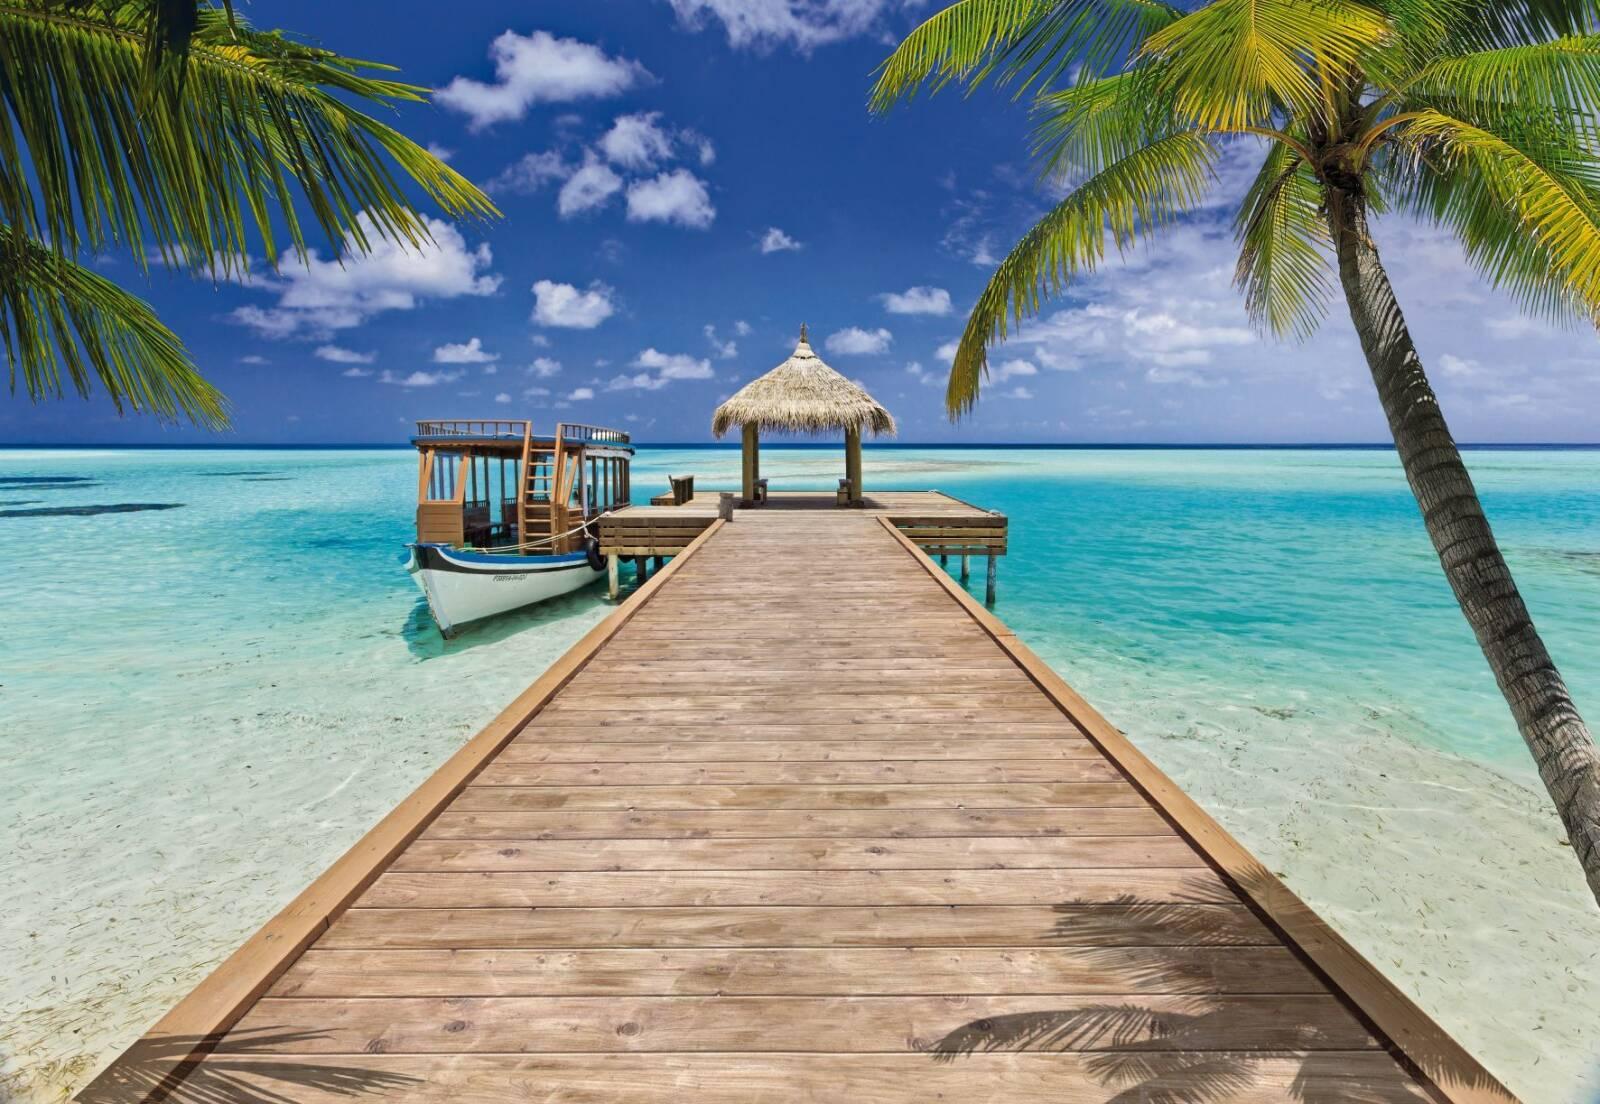 чаще пляж картинки красивые обои немногим удается вывести